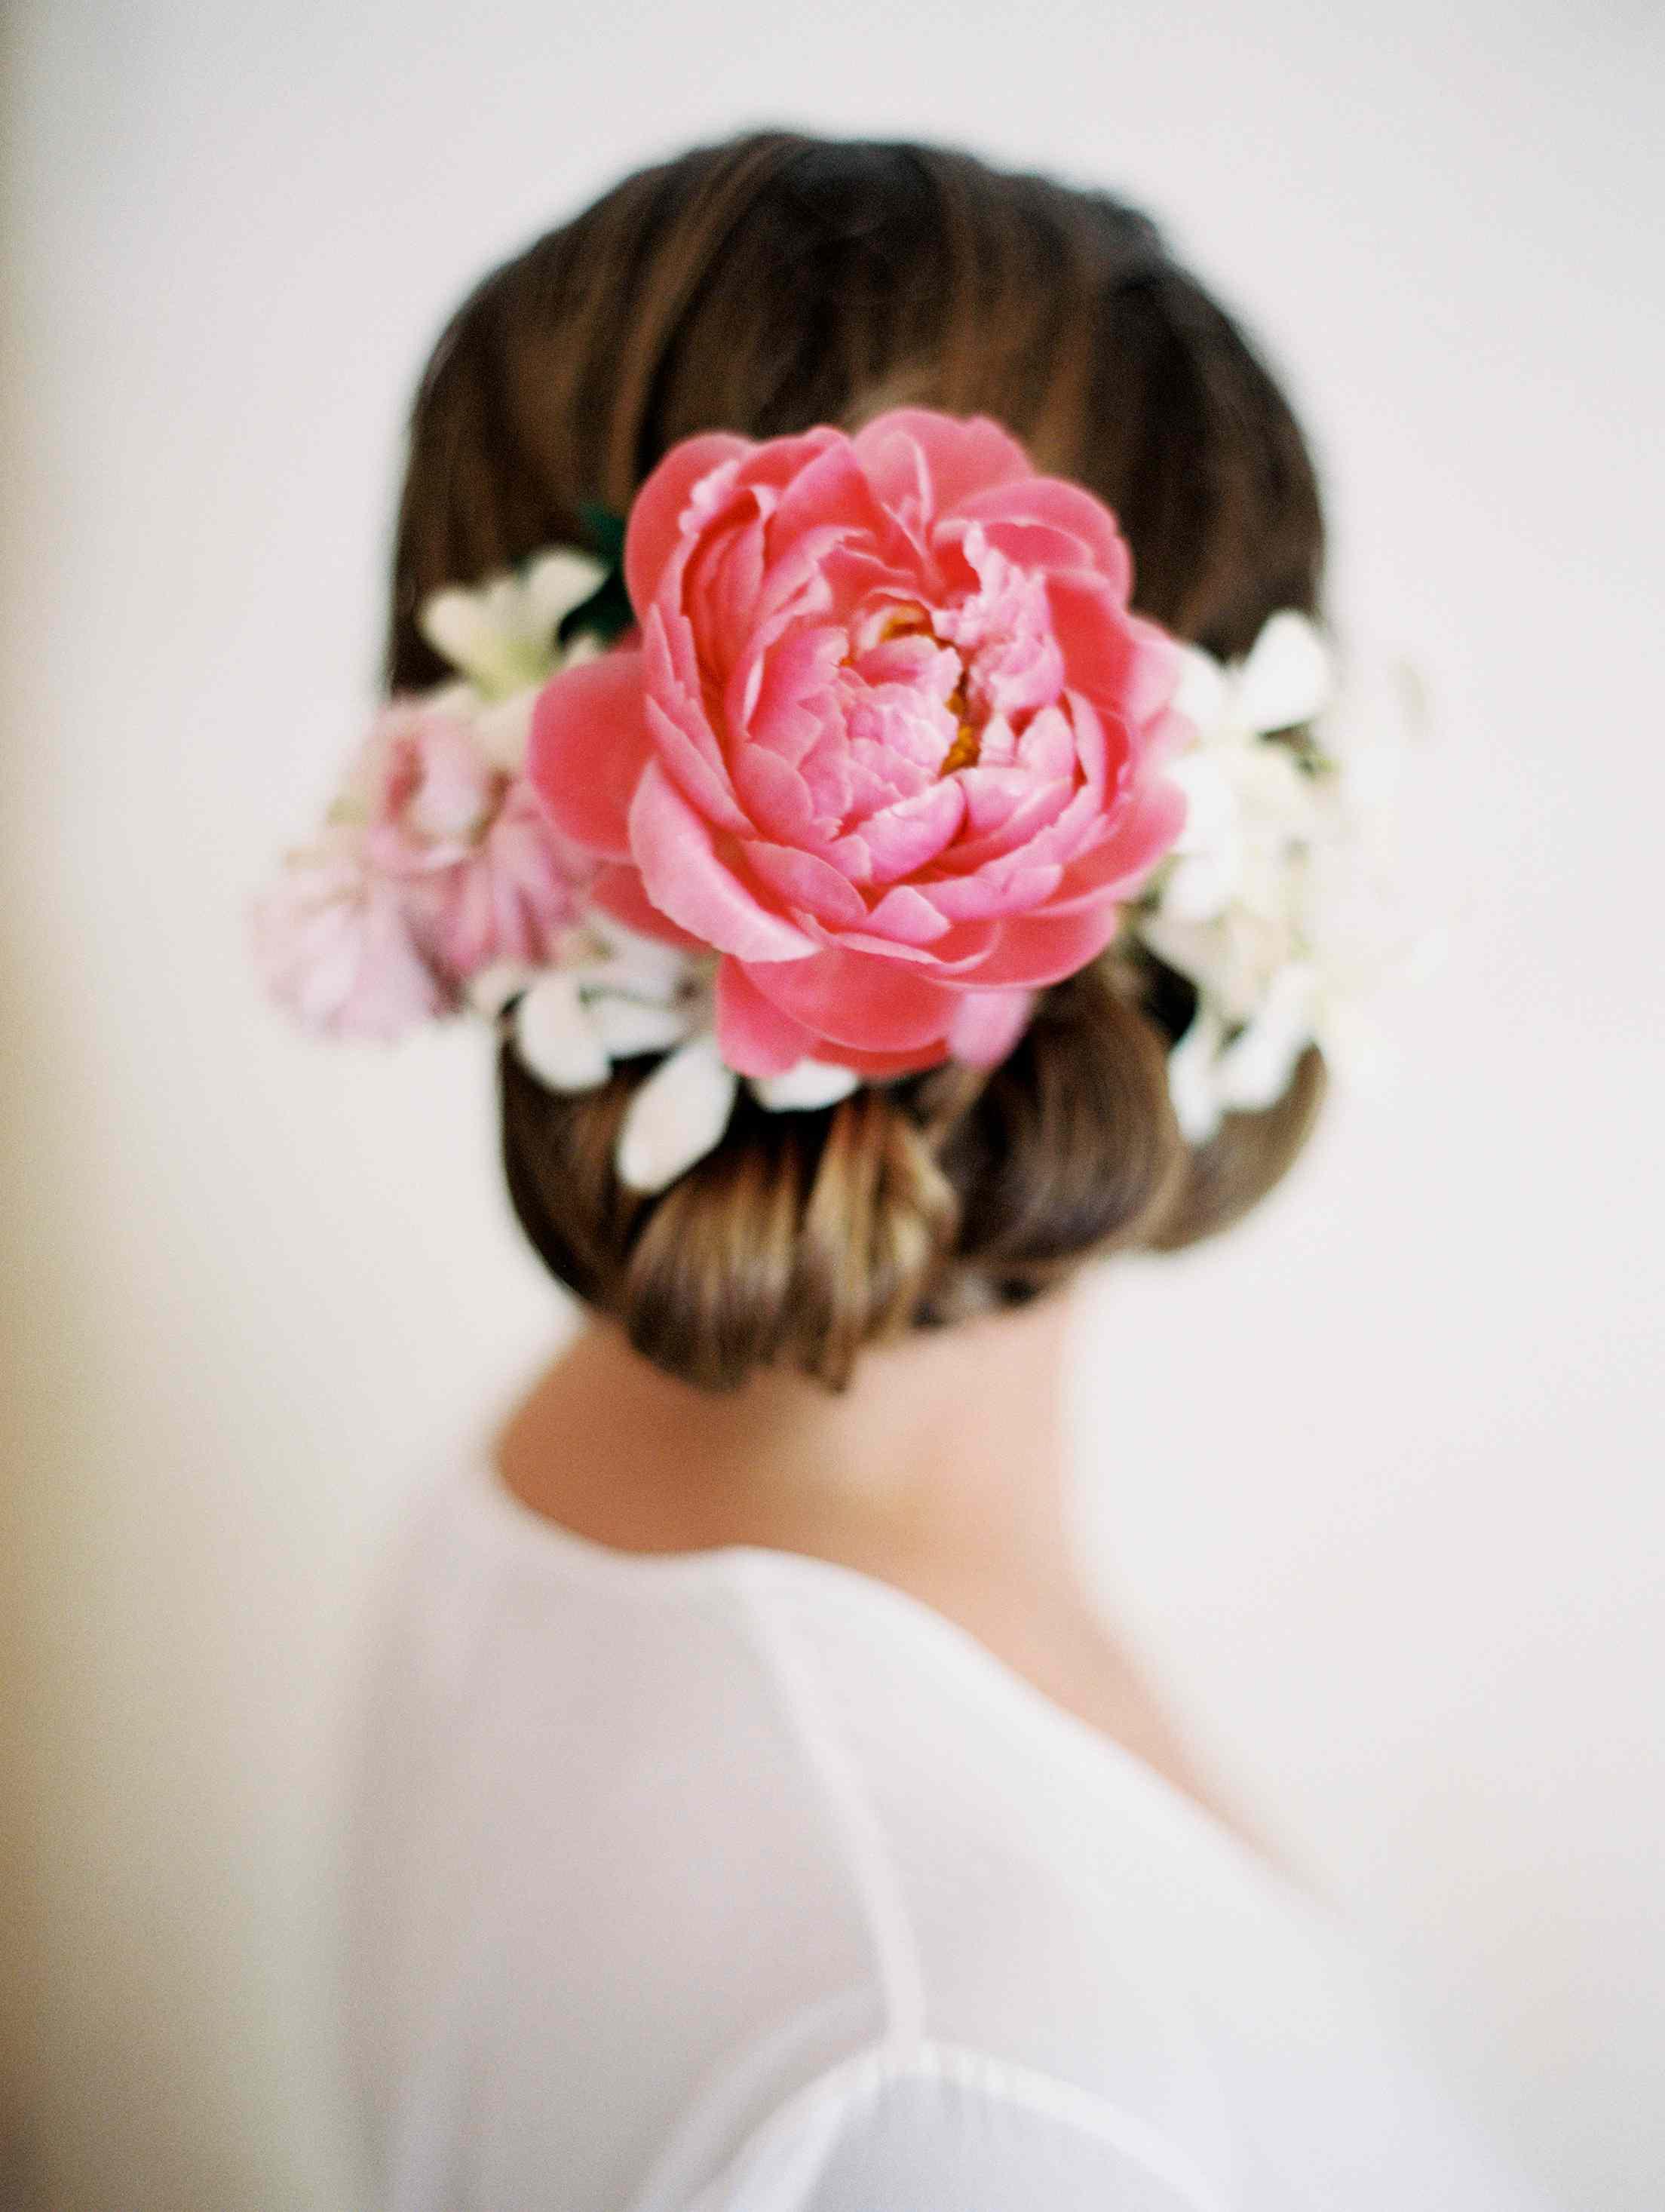 Flower in bride's hair